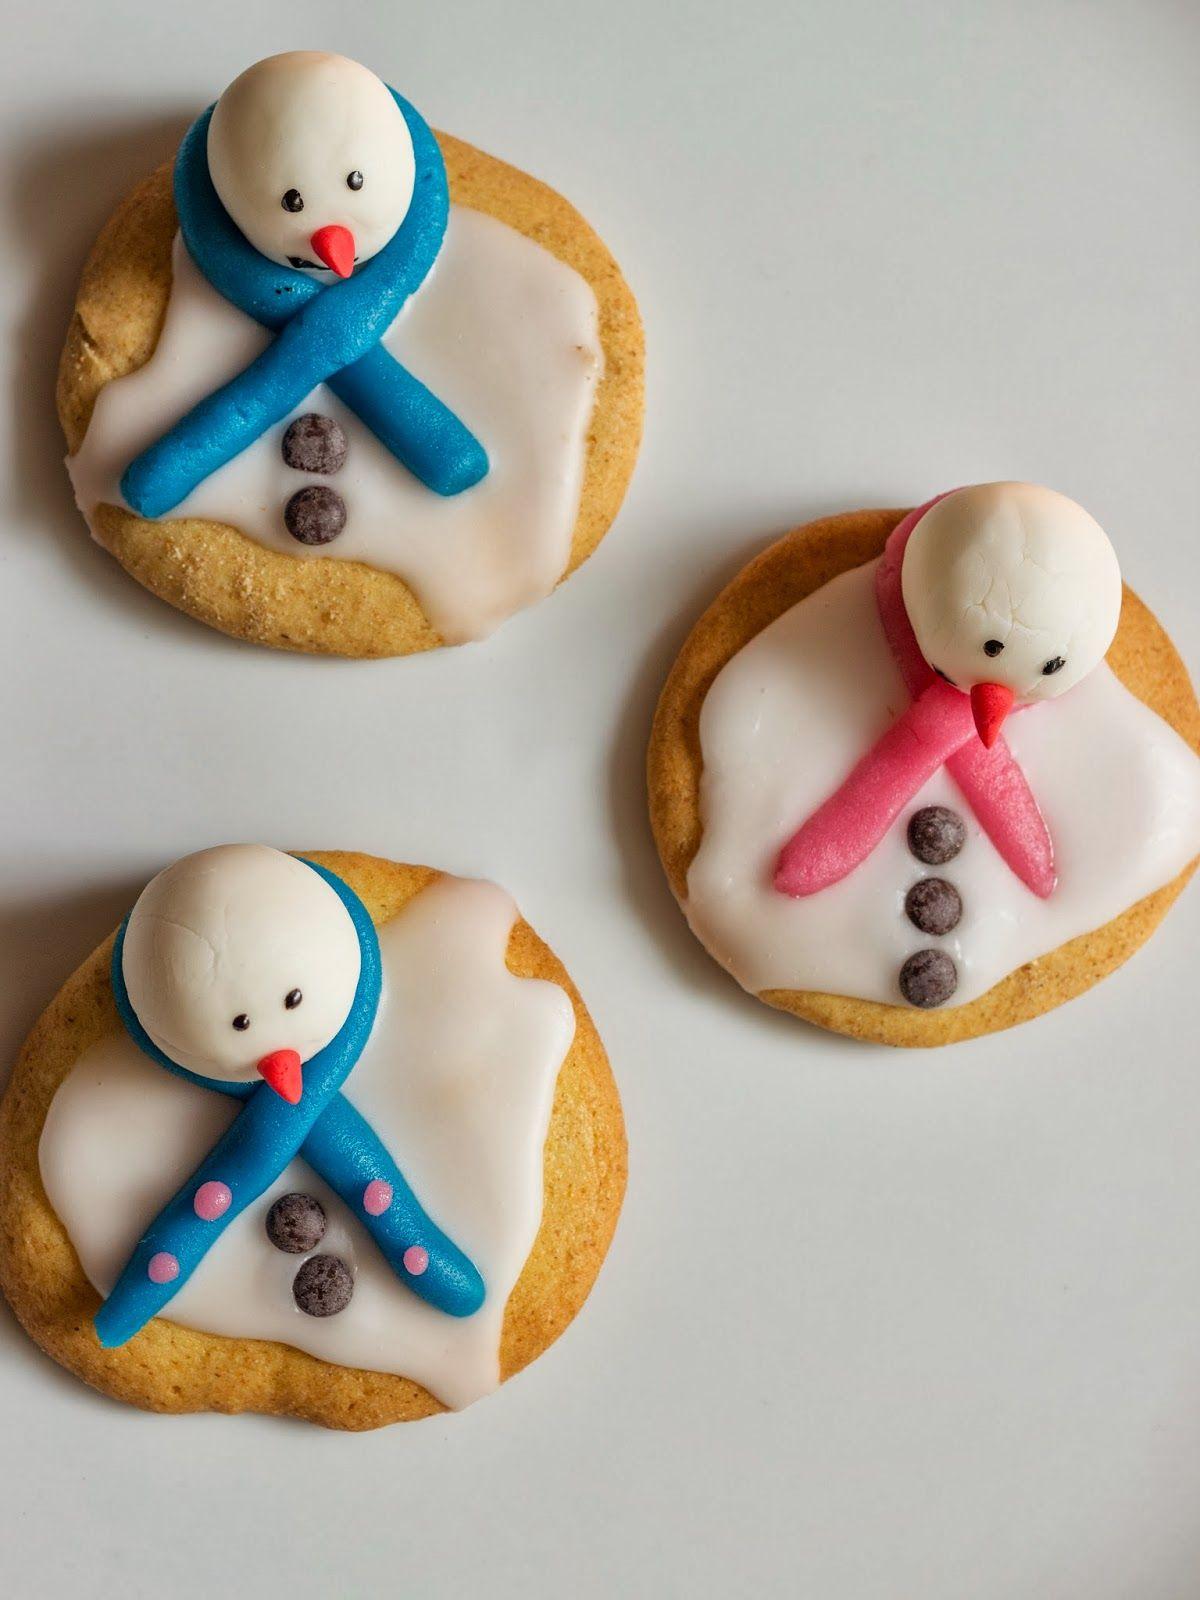 genusskochen - Food- und Lifestyle Blog